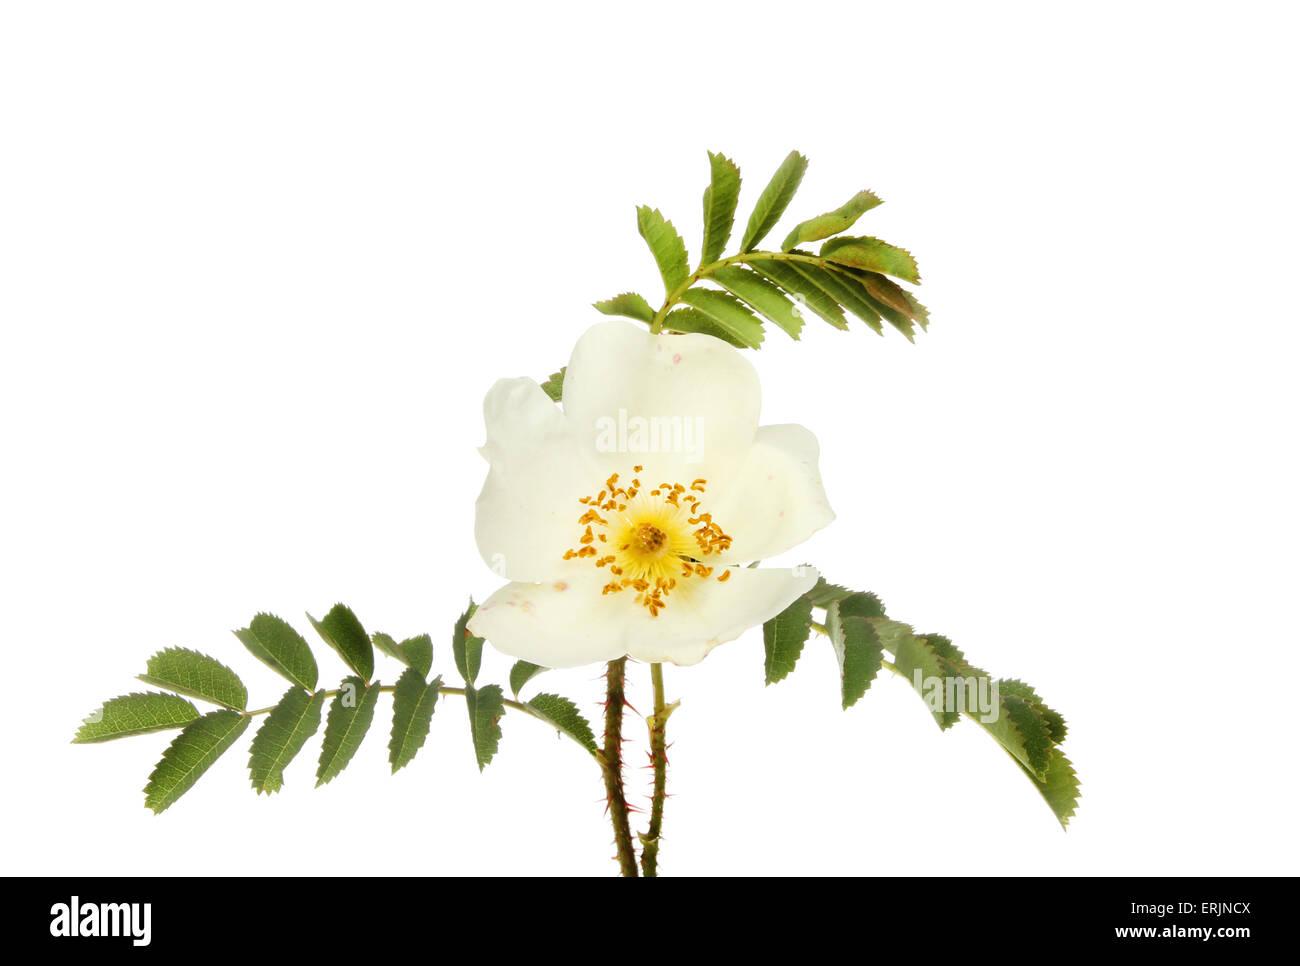 Dog rose, Rosa canina, flower and foliage isolated against white - Stock Image